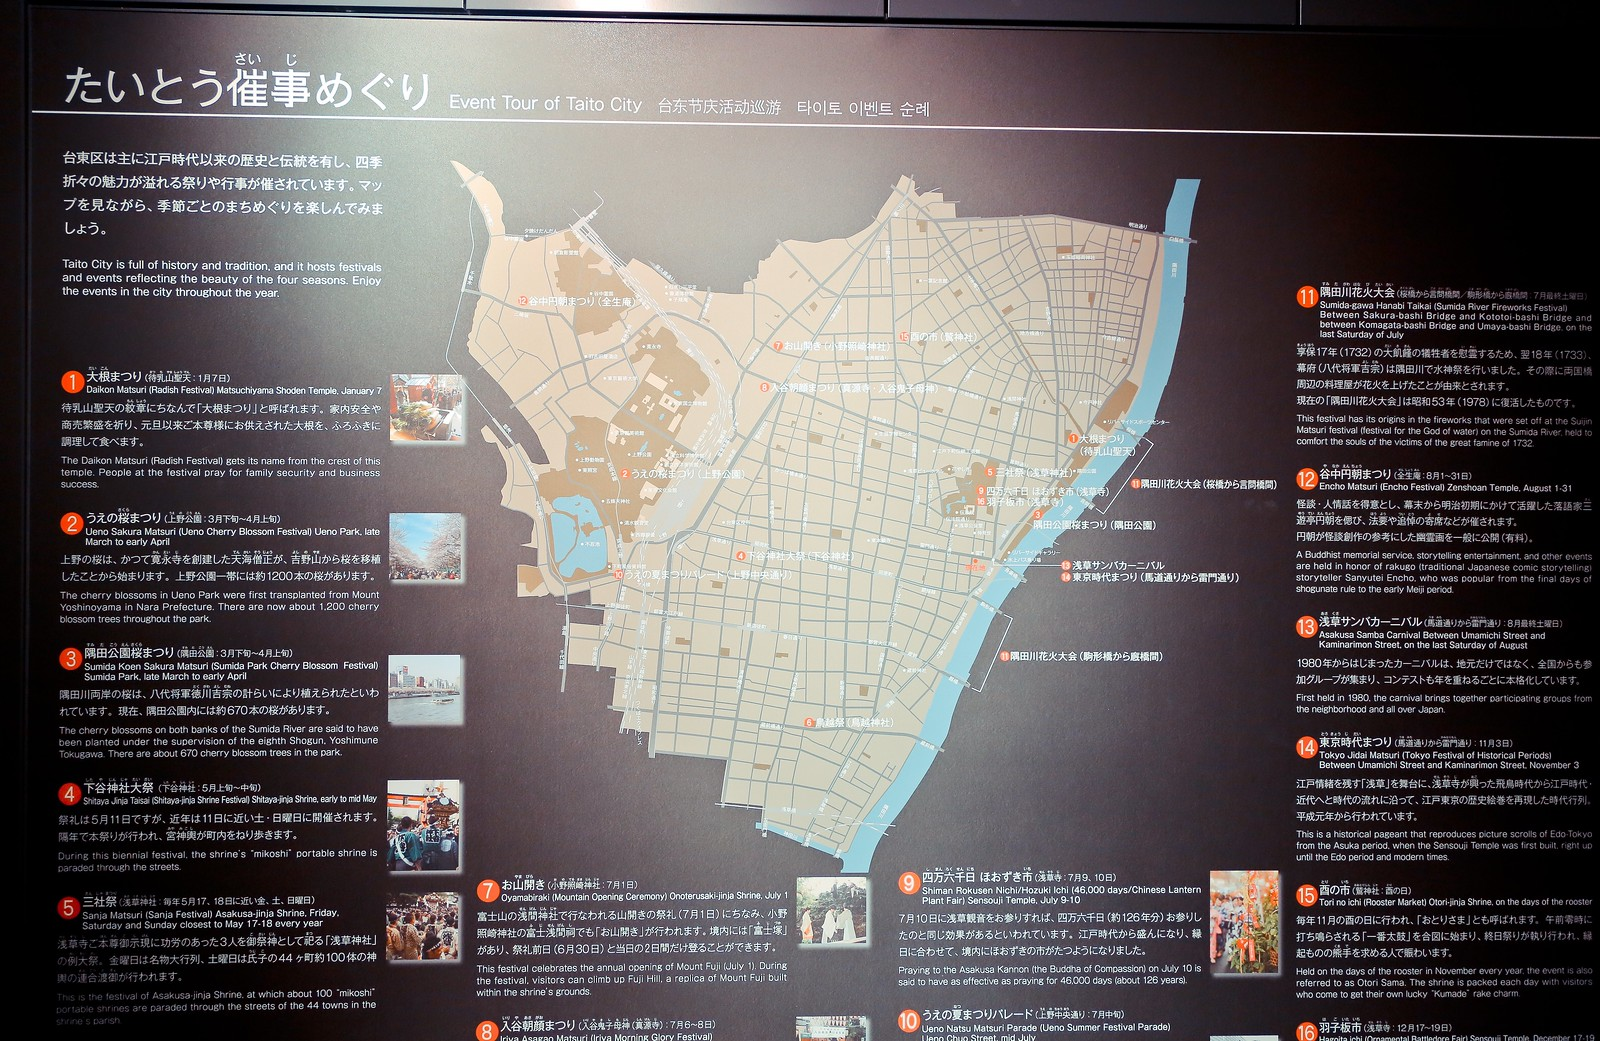 淺草文化觀光中心 (隈研吾)